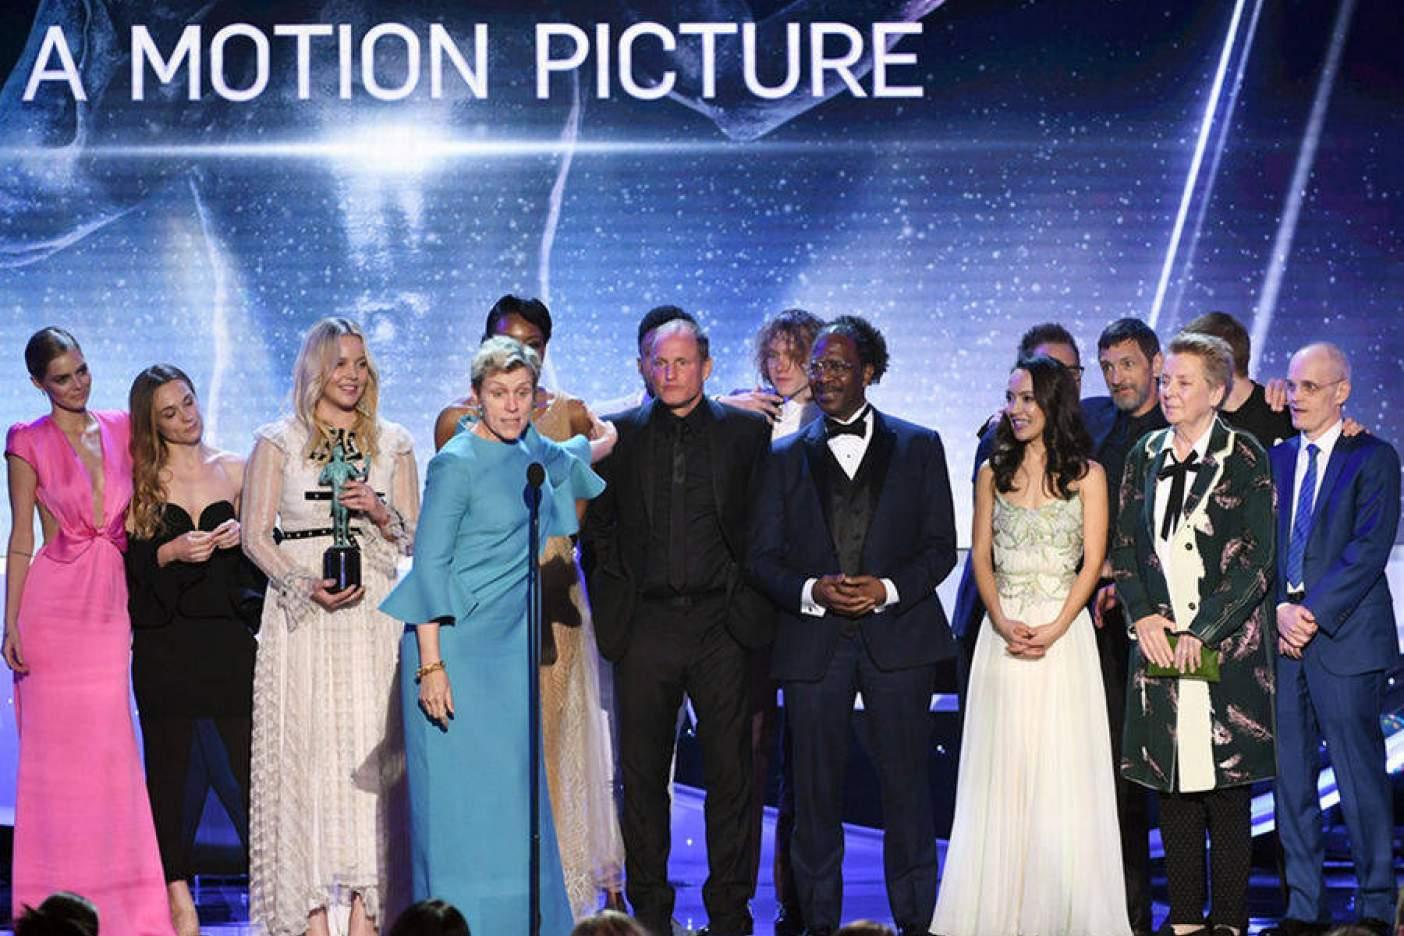 Un análisis de los nominados a los premios Óscar 2018